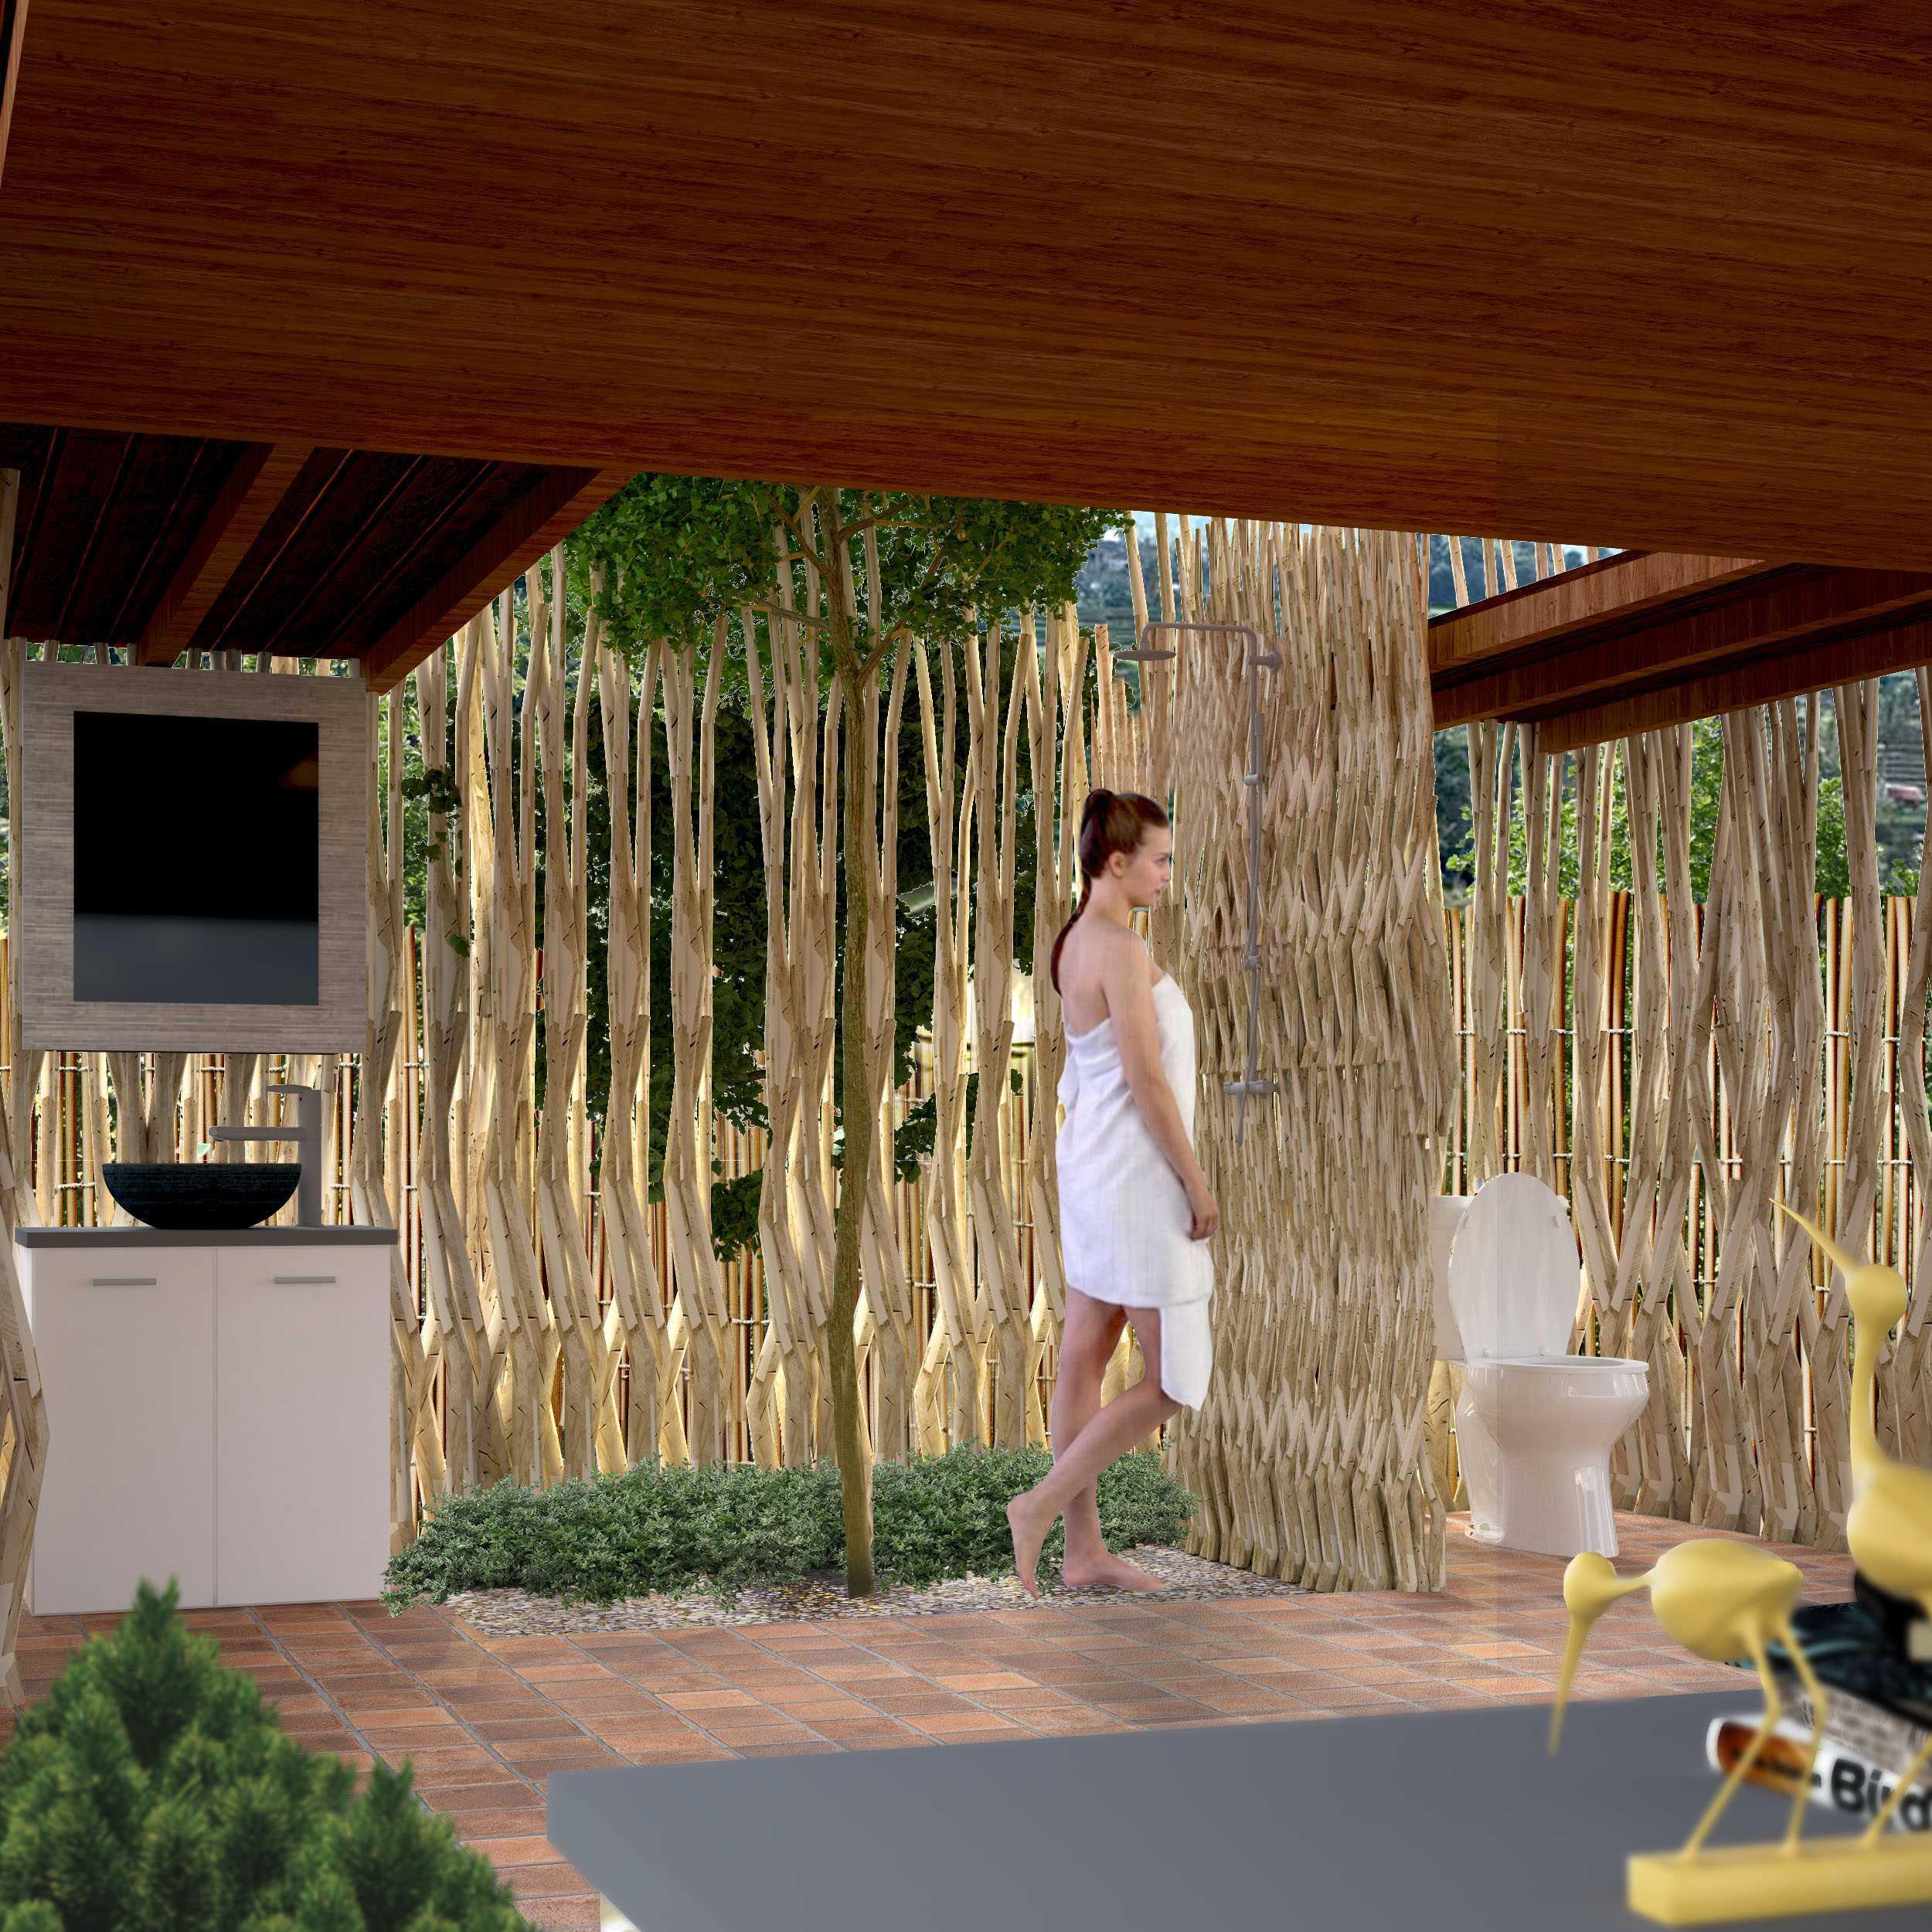 Goldmonk Architects Konseptual Villa Gladak Tibubeneng, Kuta Utara, Kabupaten Badung, Bali, Indonesia Tibubeneng, Kuta Utara, Kabupaten Badung, Bali, Indonesia Goldmonk-Architects-Konseptual-Villa-Gladak   63888